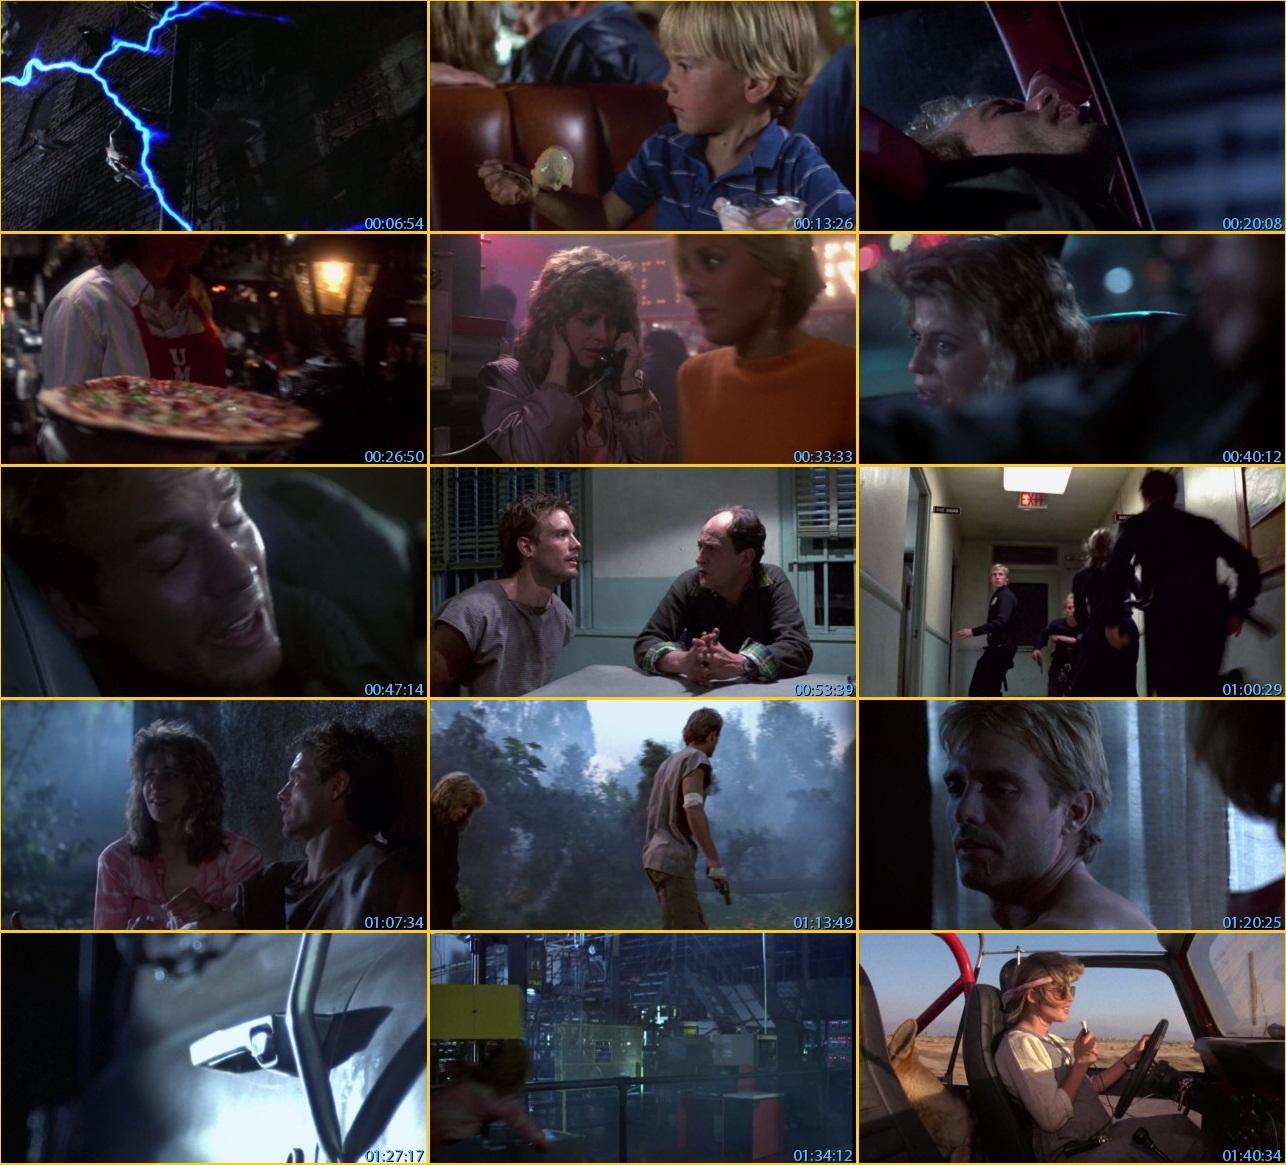 http://3.bp.blogspot.com/-0lQ9Wx2KJ-I/UTuQt4JuN5I/AAAAAAAAUbQ/PC5wOGgXp_8/s1600/The+Terminator+BluRay+1080p+5.1CH.jpg